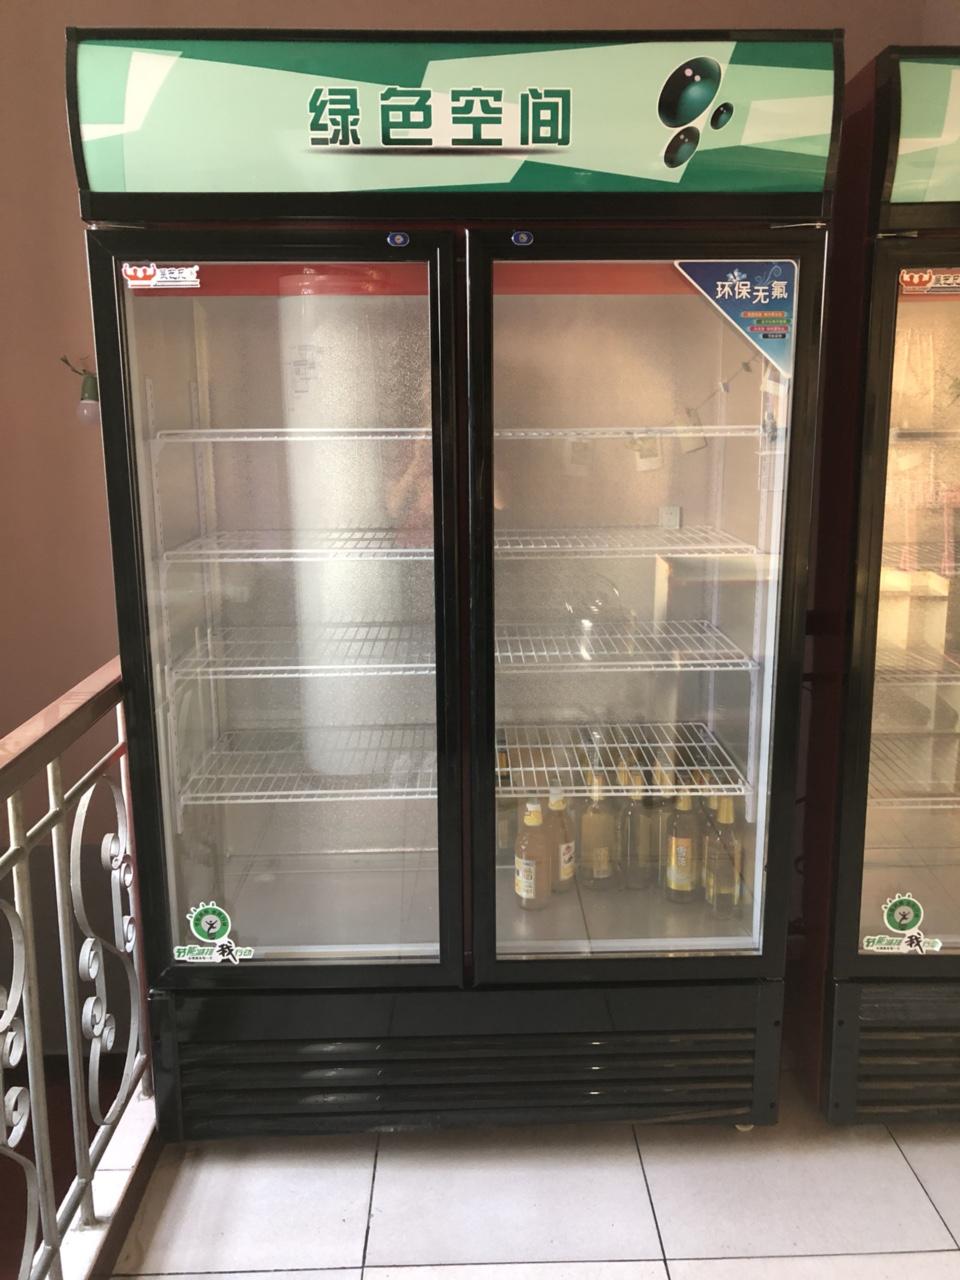 双开门冷藏柜买的时候没有计划好,用了不到十天,折价卖